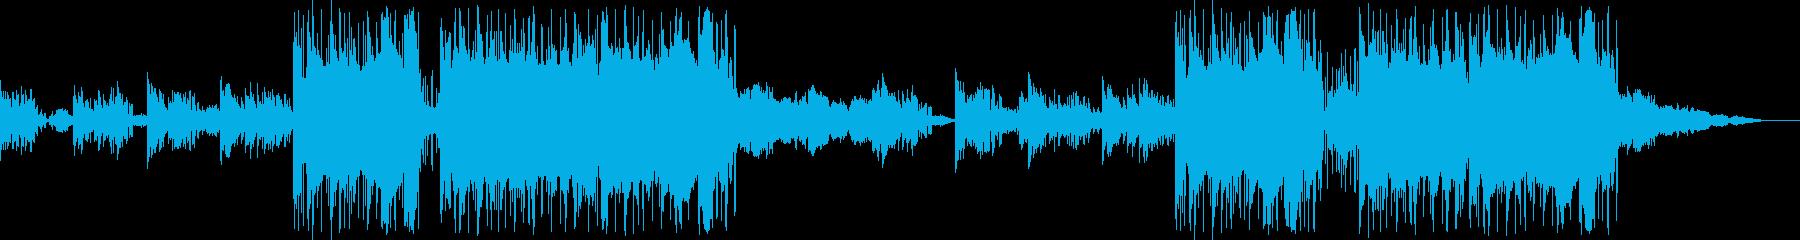 幻想的なピアノのBGMの再生済みの波形